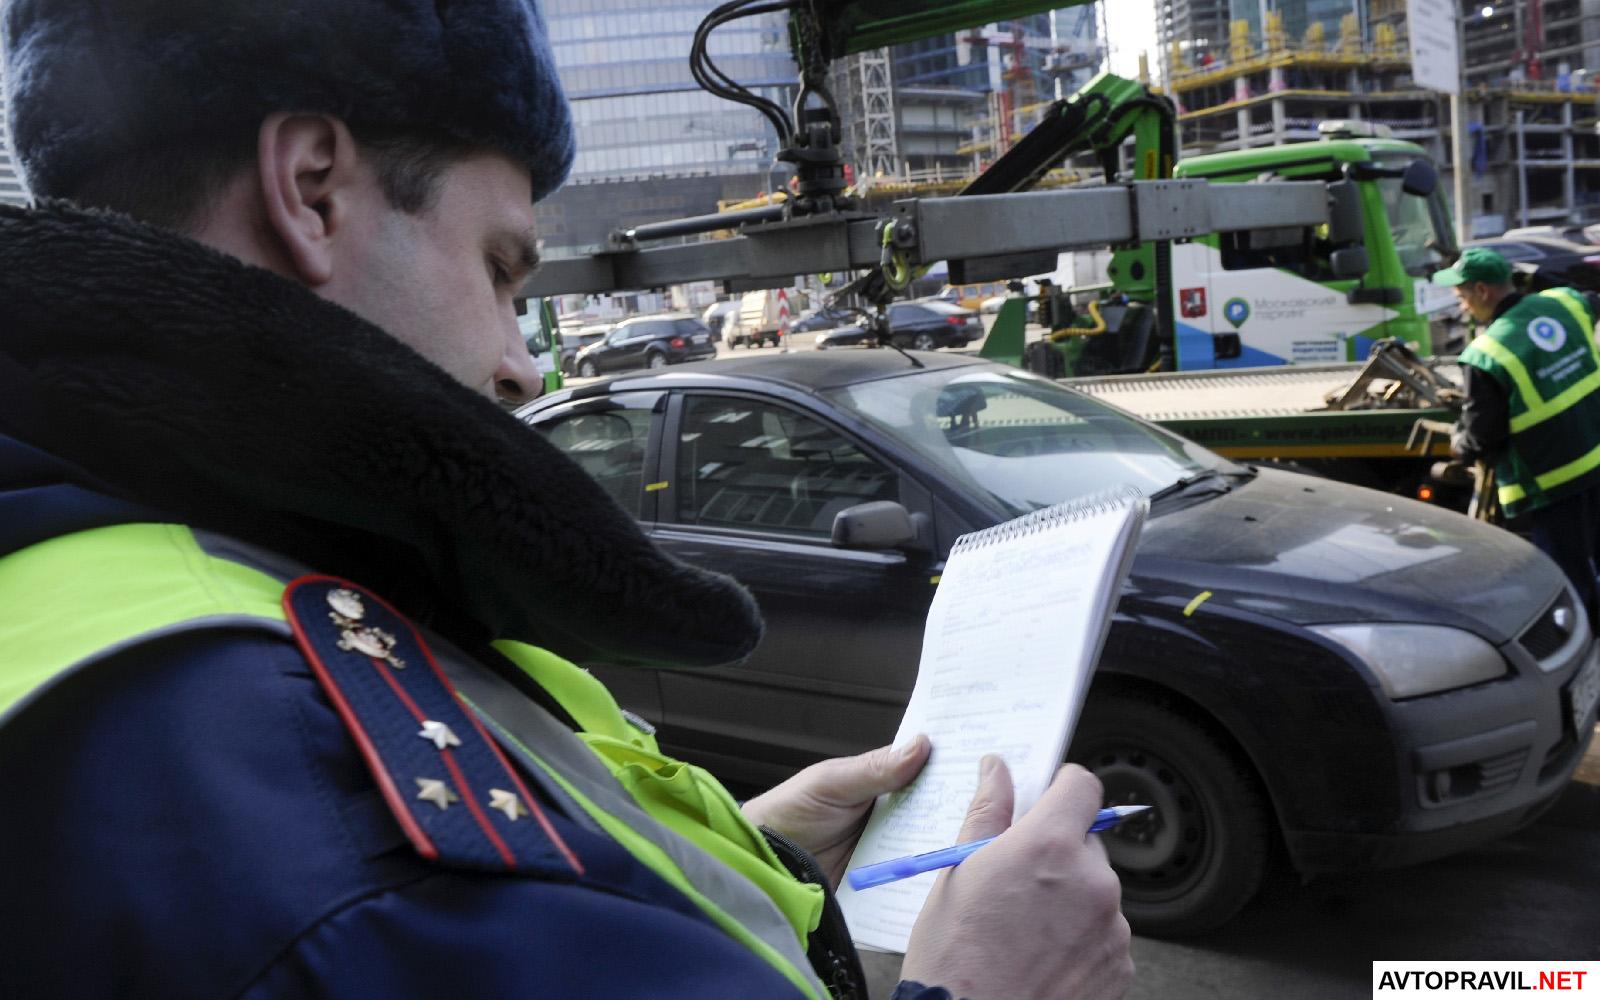 сотрудник гибдд держит блокнонт в руках на фоне эвакуатора, который грузит машину